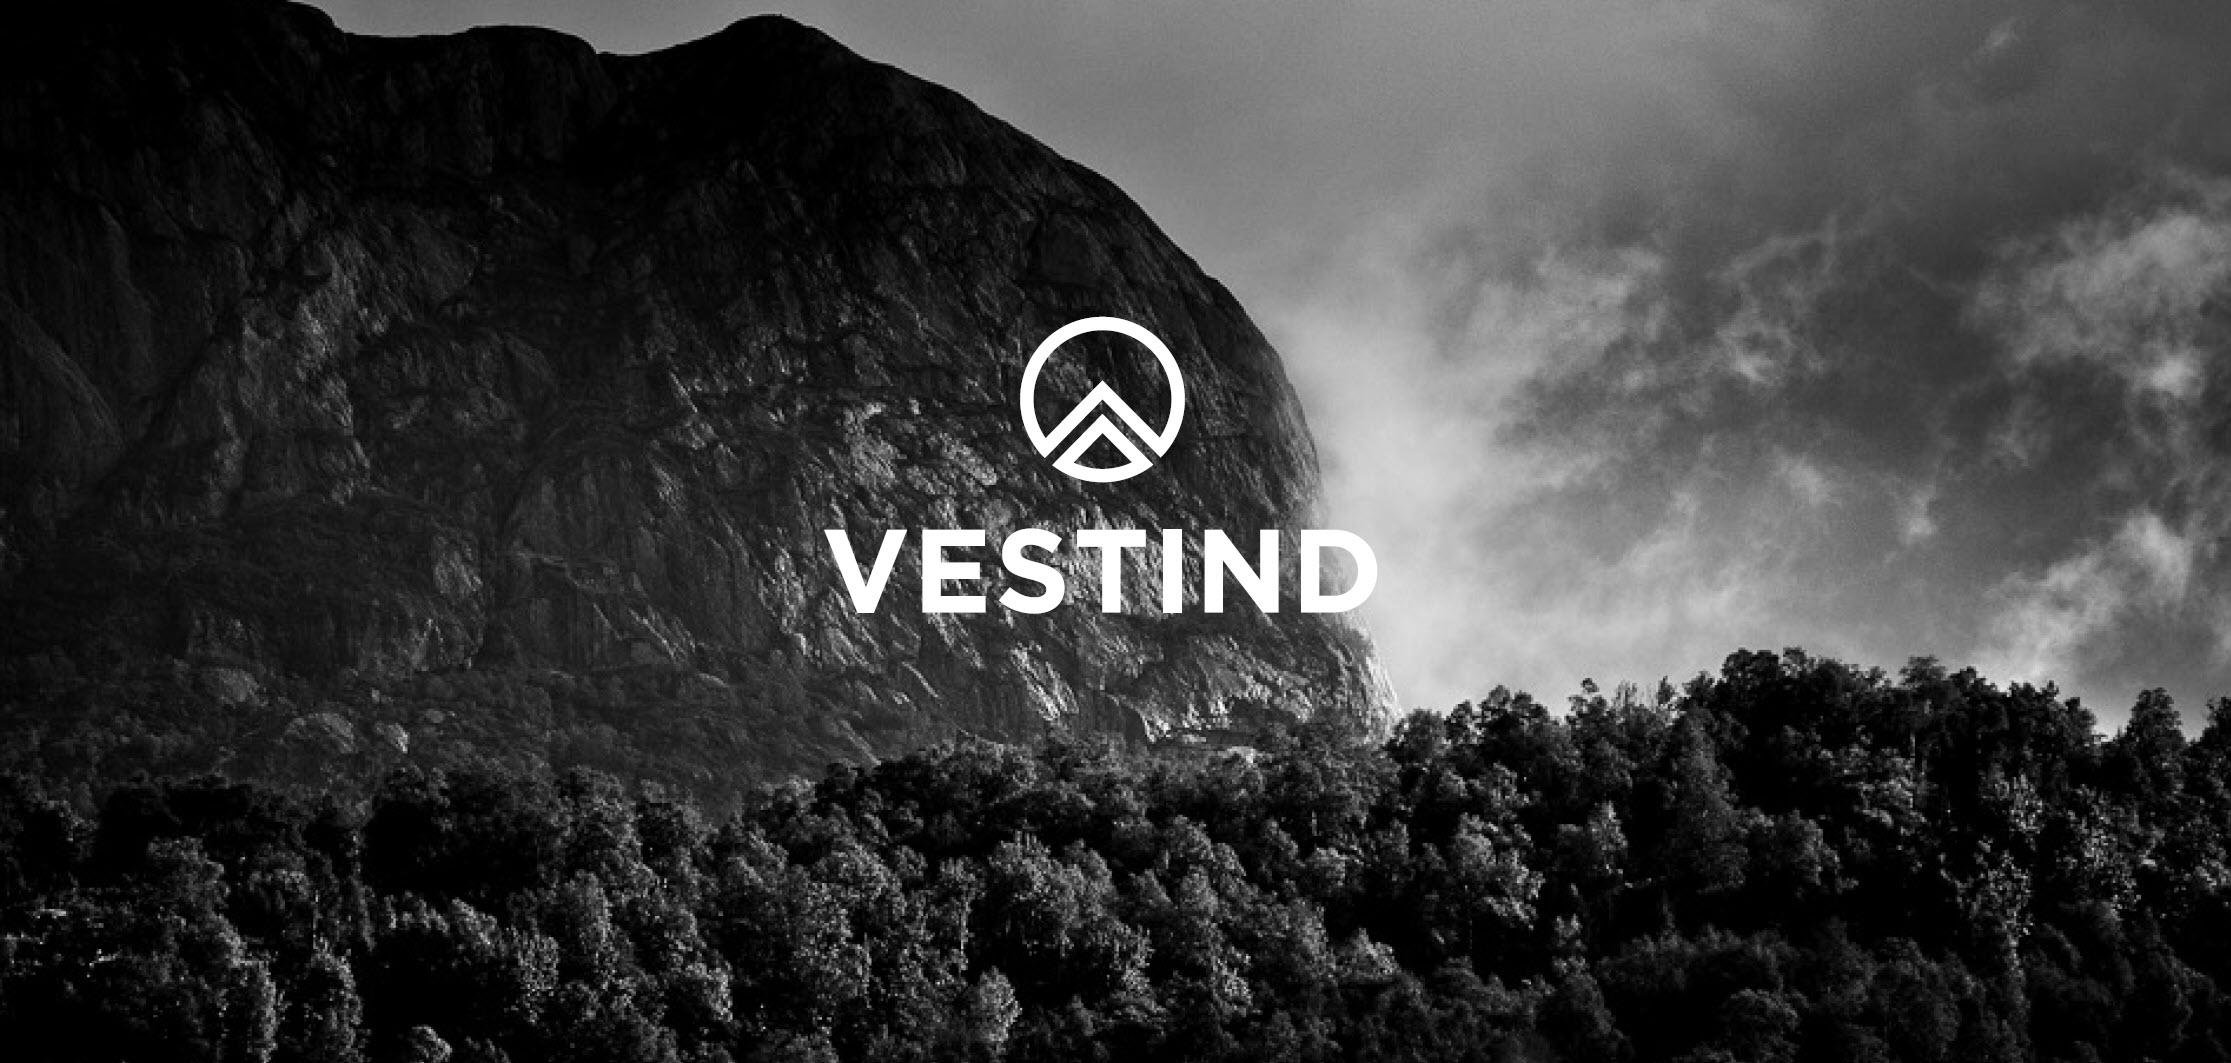 vestind-logo-fjell-i-bakgrunnen.jpg